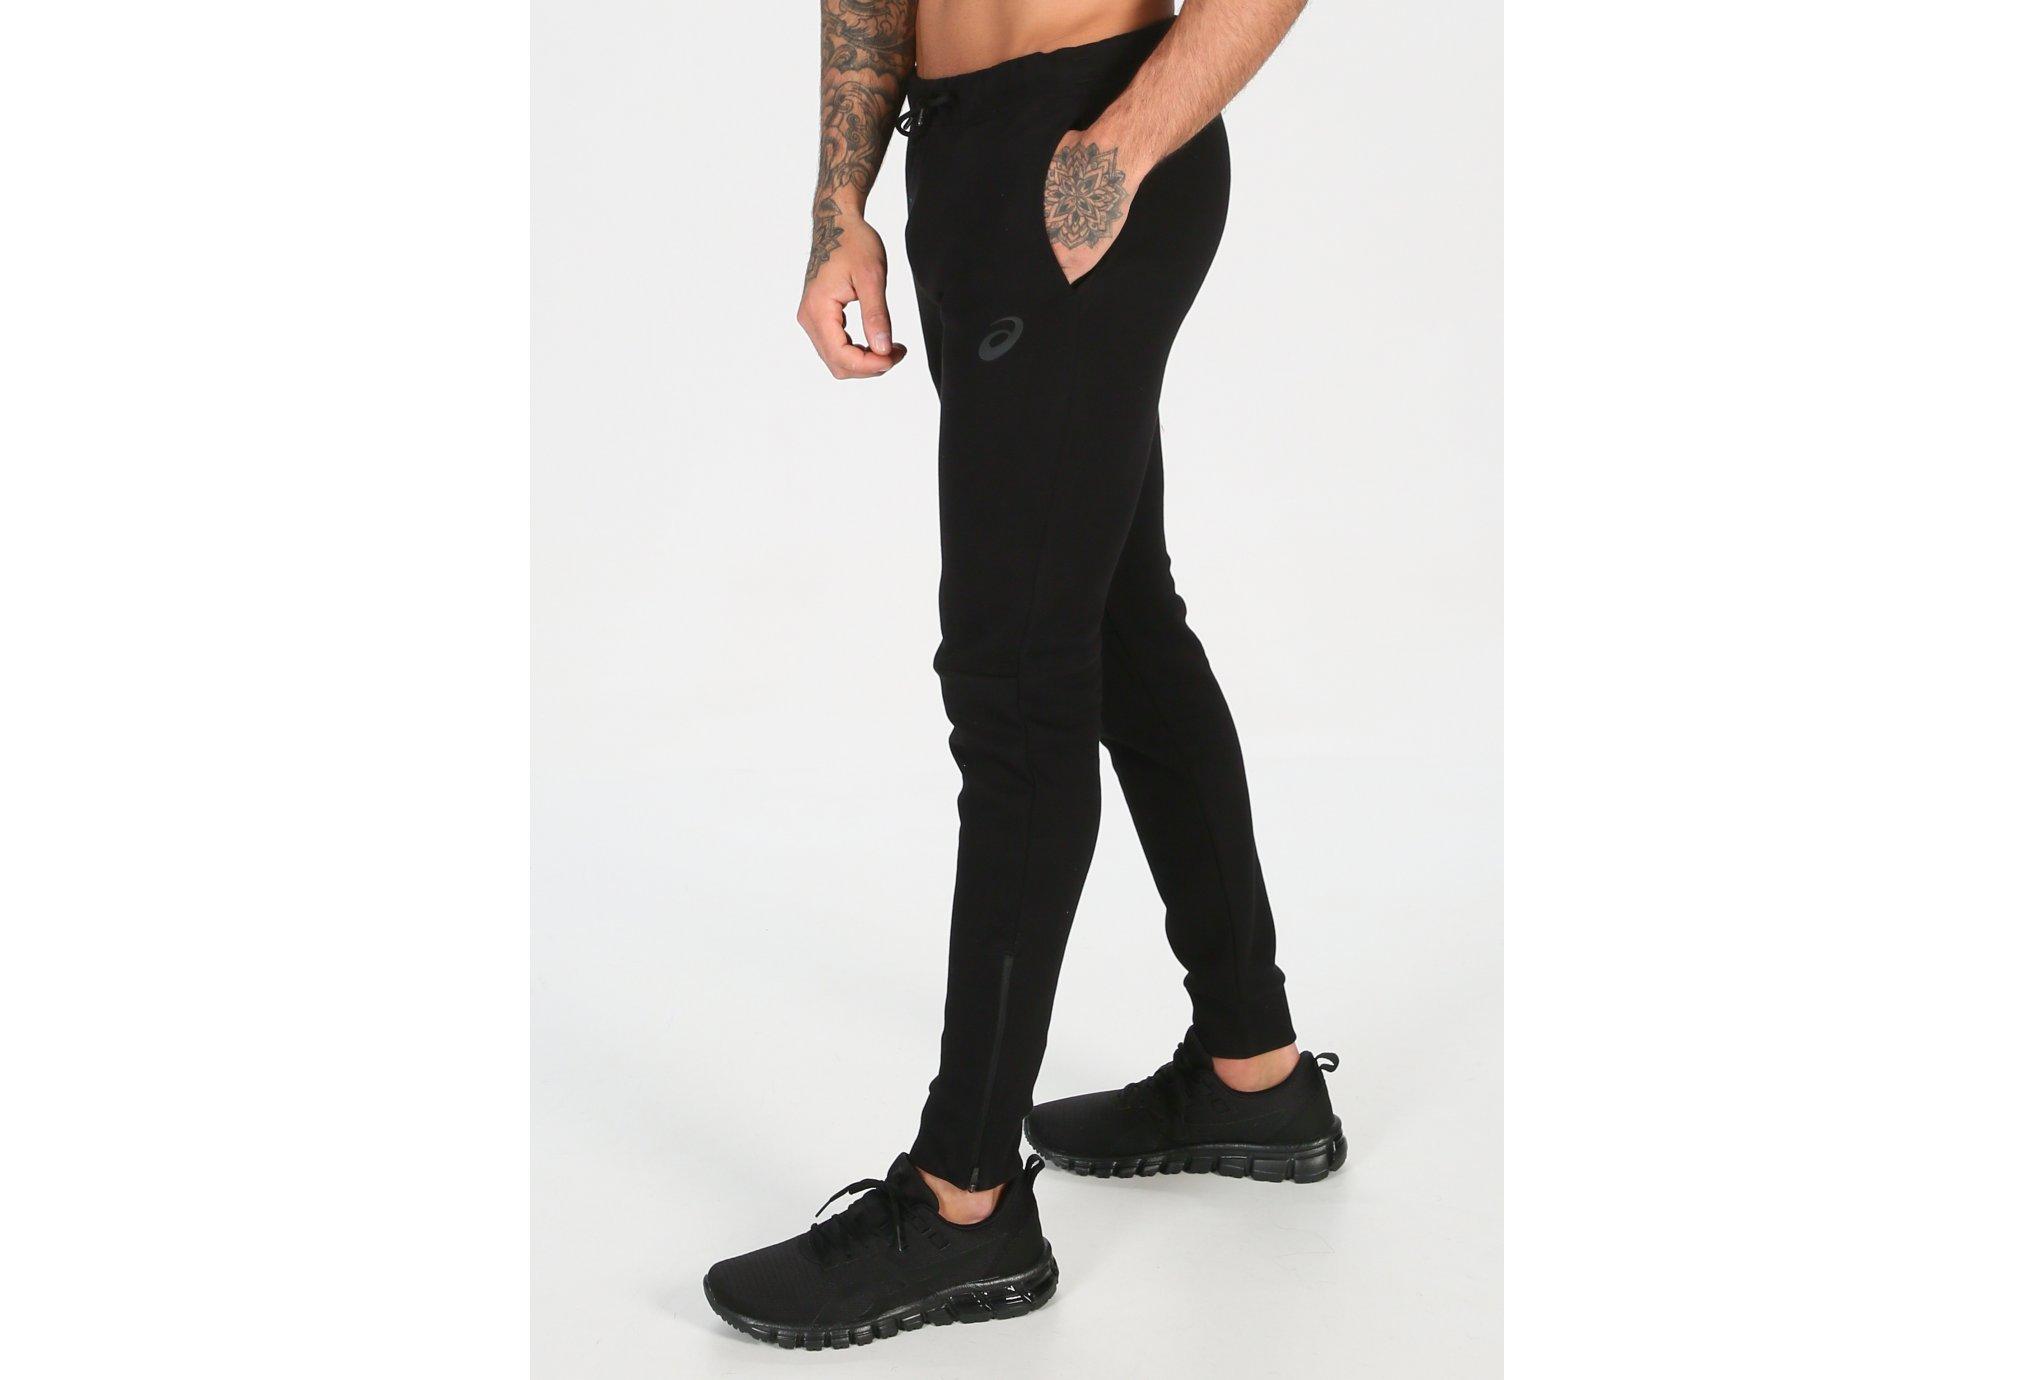 Asics Tailored Skinny M vêtement running homme